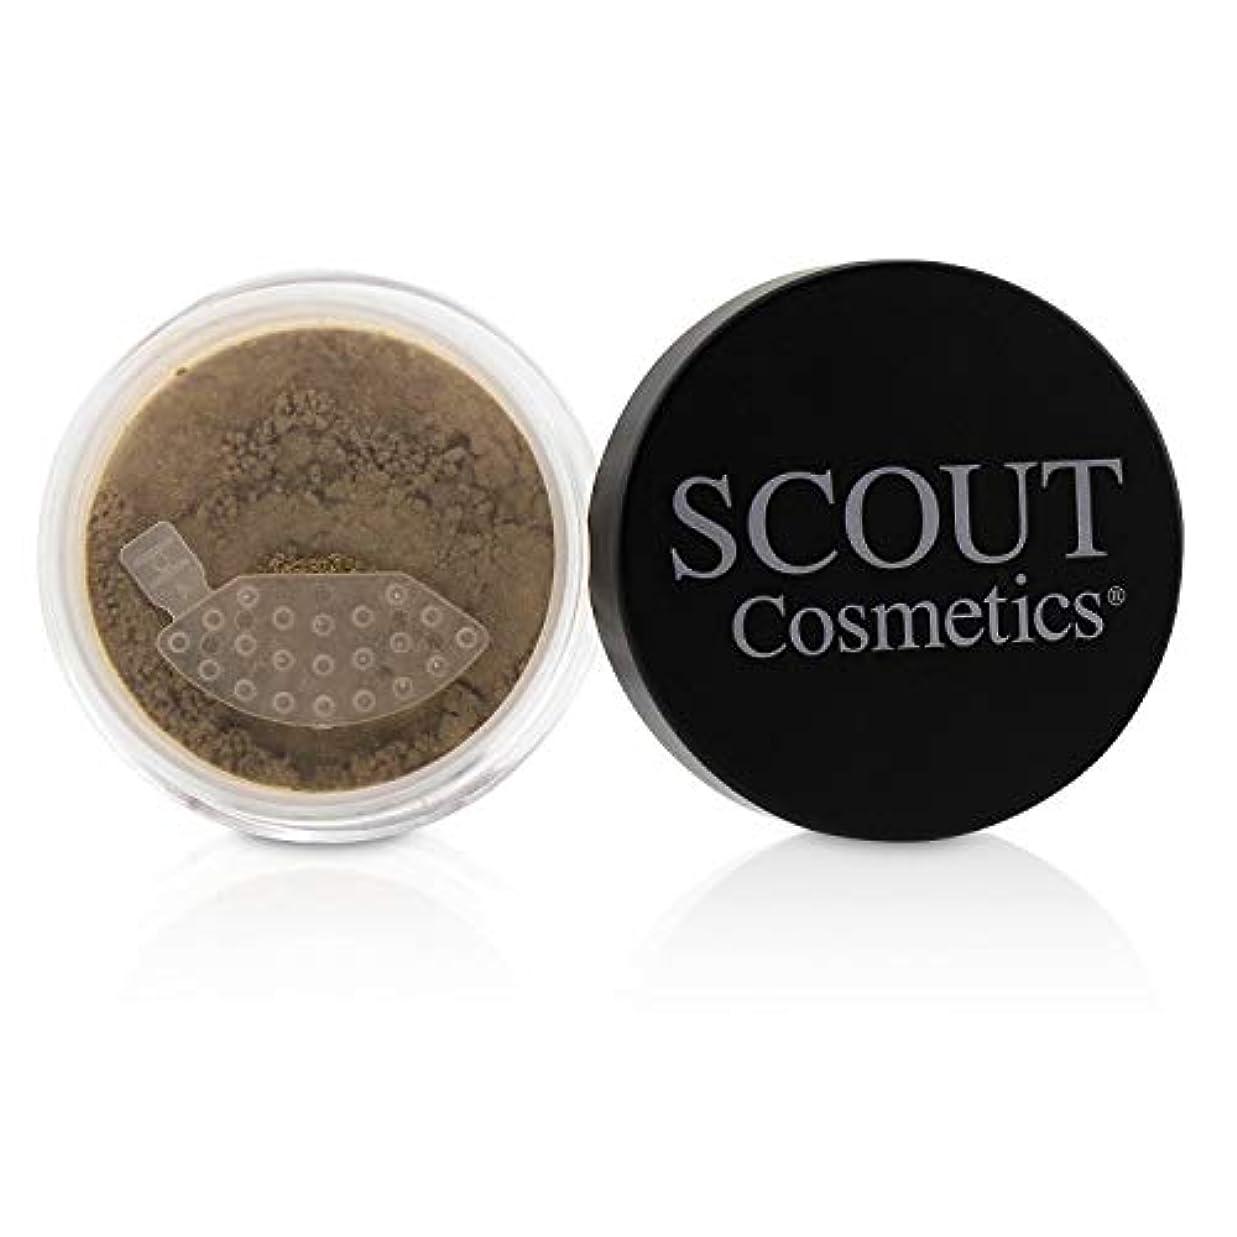 海軍配管工ミッションSCOUT Cosmetics Mineral Powder Foundation SPF 20 - # Almond 8g/0.28oz並行輸入品